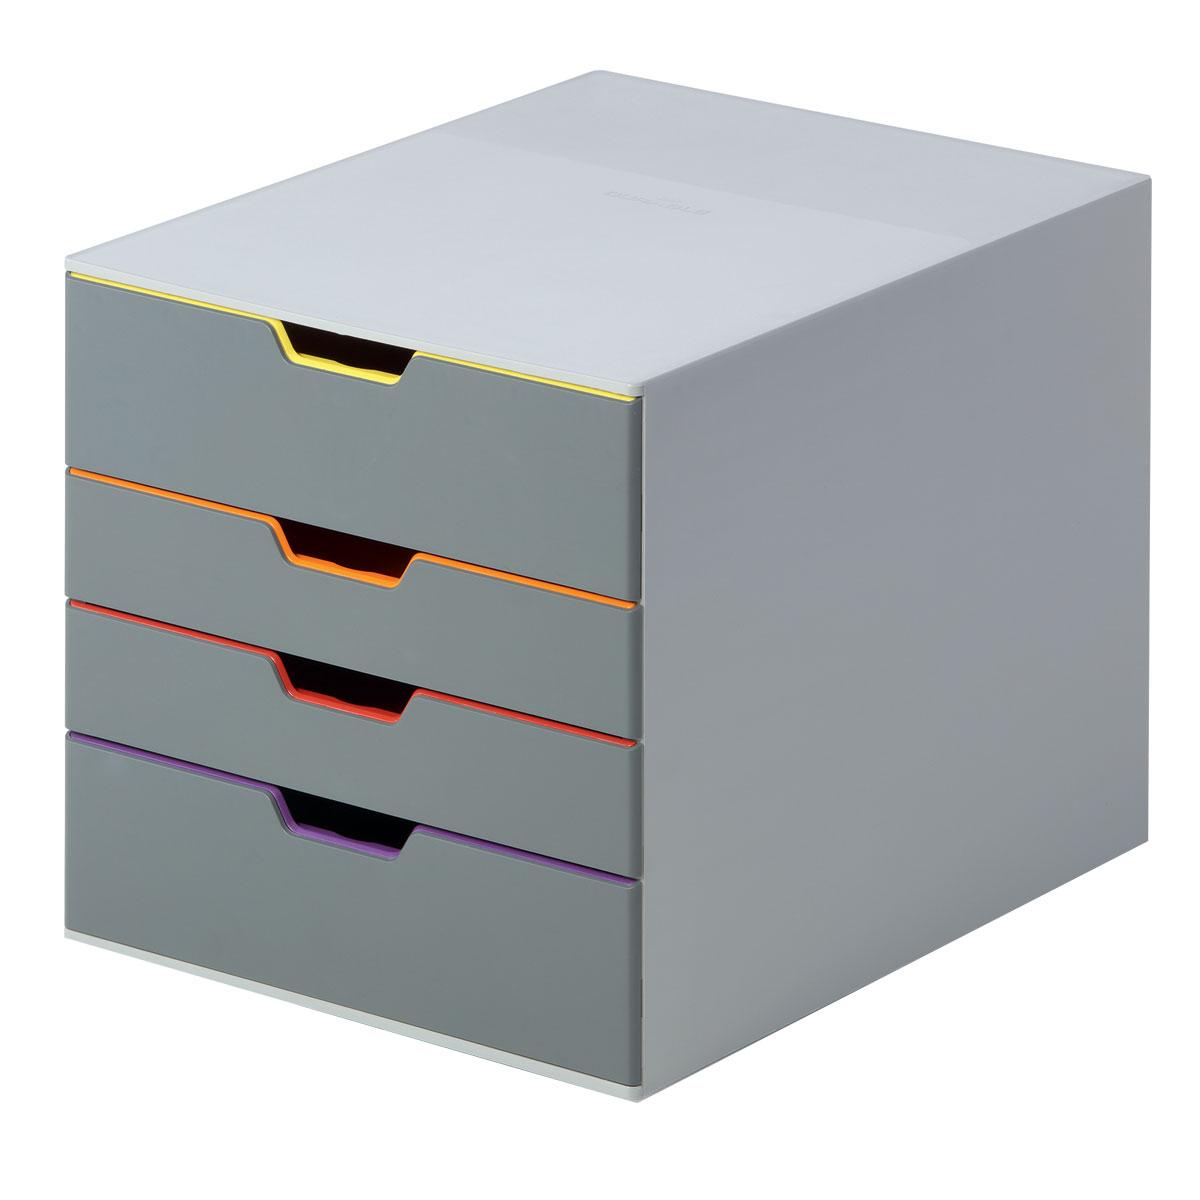 Короб для документов Durable Varicolor. 7604-277604-27Выполнен из высококачественного пластика. Выдвижные ящики закрытого типа, оснащены стопорами и табуляторами для маркировки. Боксы можно устанавливать друг на друга, фиксируются при помощи резиновых ножек. 4 ящика. Размер 292x280x356 мм. Стильный короб для документов с 4 выдвижными цветными ящичками. Выполнен из пластика премиального качества. Широкие лотки для удобного хранения большого количества документов. Верхний лоток запирается на замок, что позволяет хранить в боксе ценные бумаги и аксессуары. Выдвижные ящички выполнены в разных цветах, что позволяет группировать документы по тематикам и быстро их находить. Подходят для форматов А4, С4, Folio. Бокс оснащен стопорами, которые не позволяют выпасть лоткам при резком открывании, а также съемными табуляторами для маркировки. Не скользит даже на самых гладких поверхностях благодаря силиконовым ножкам.